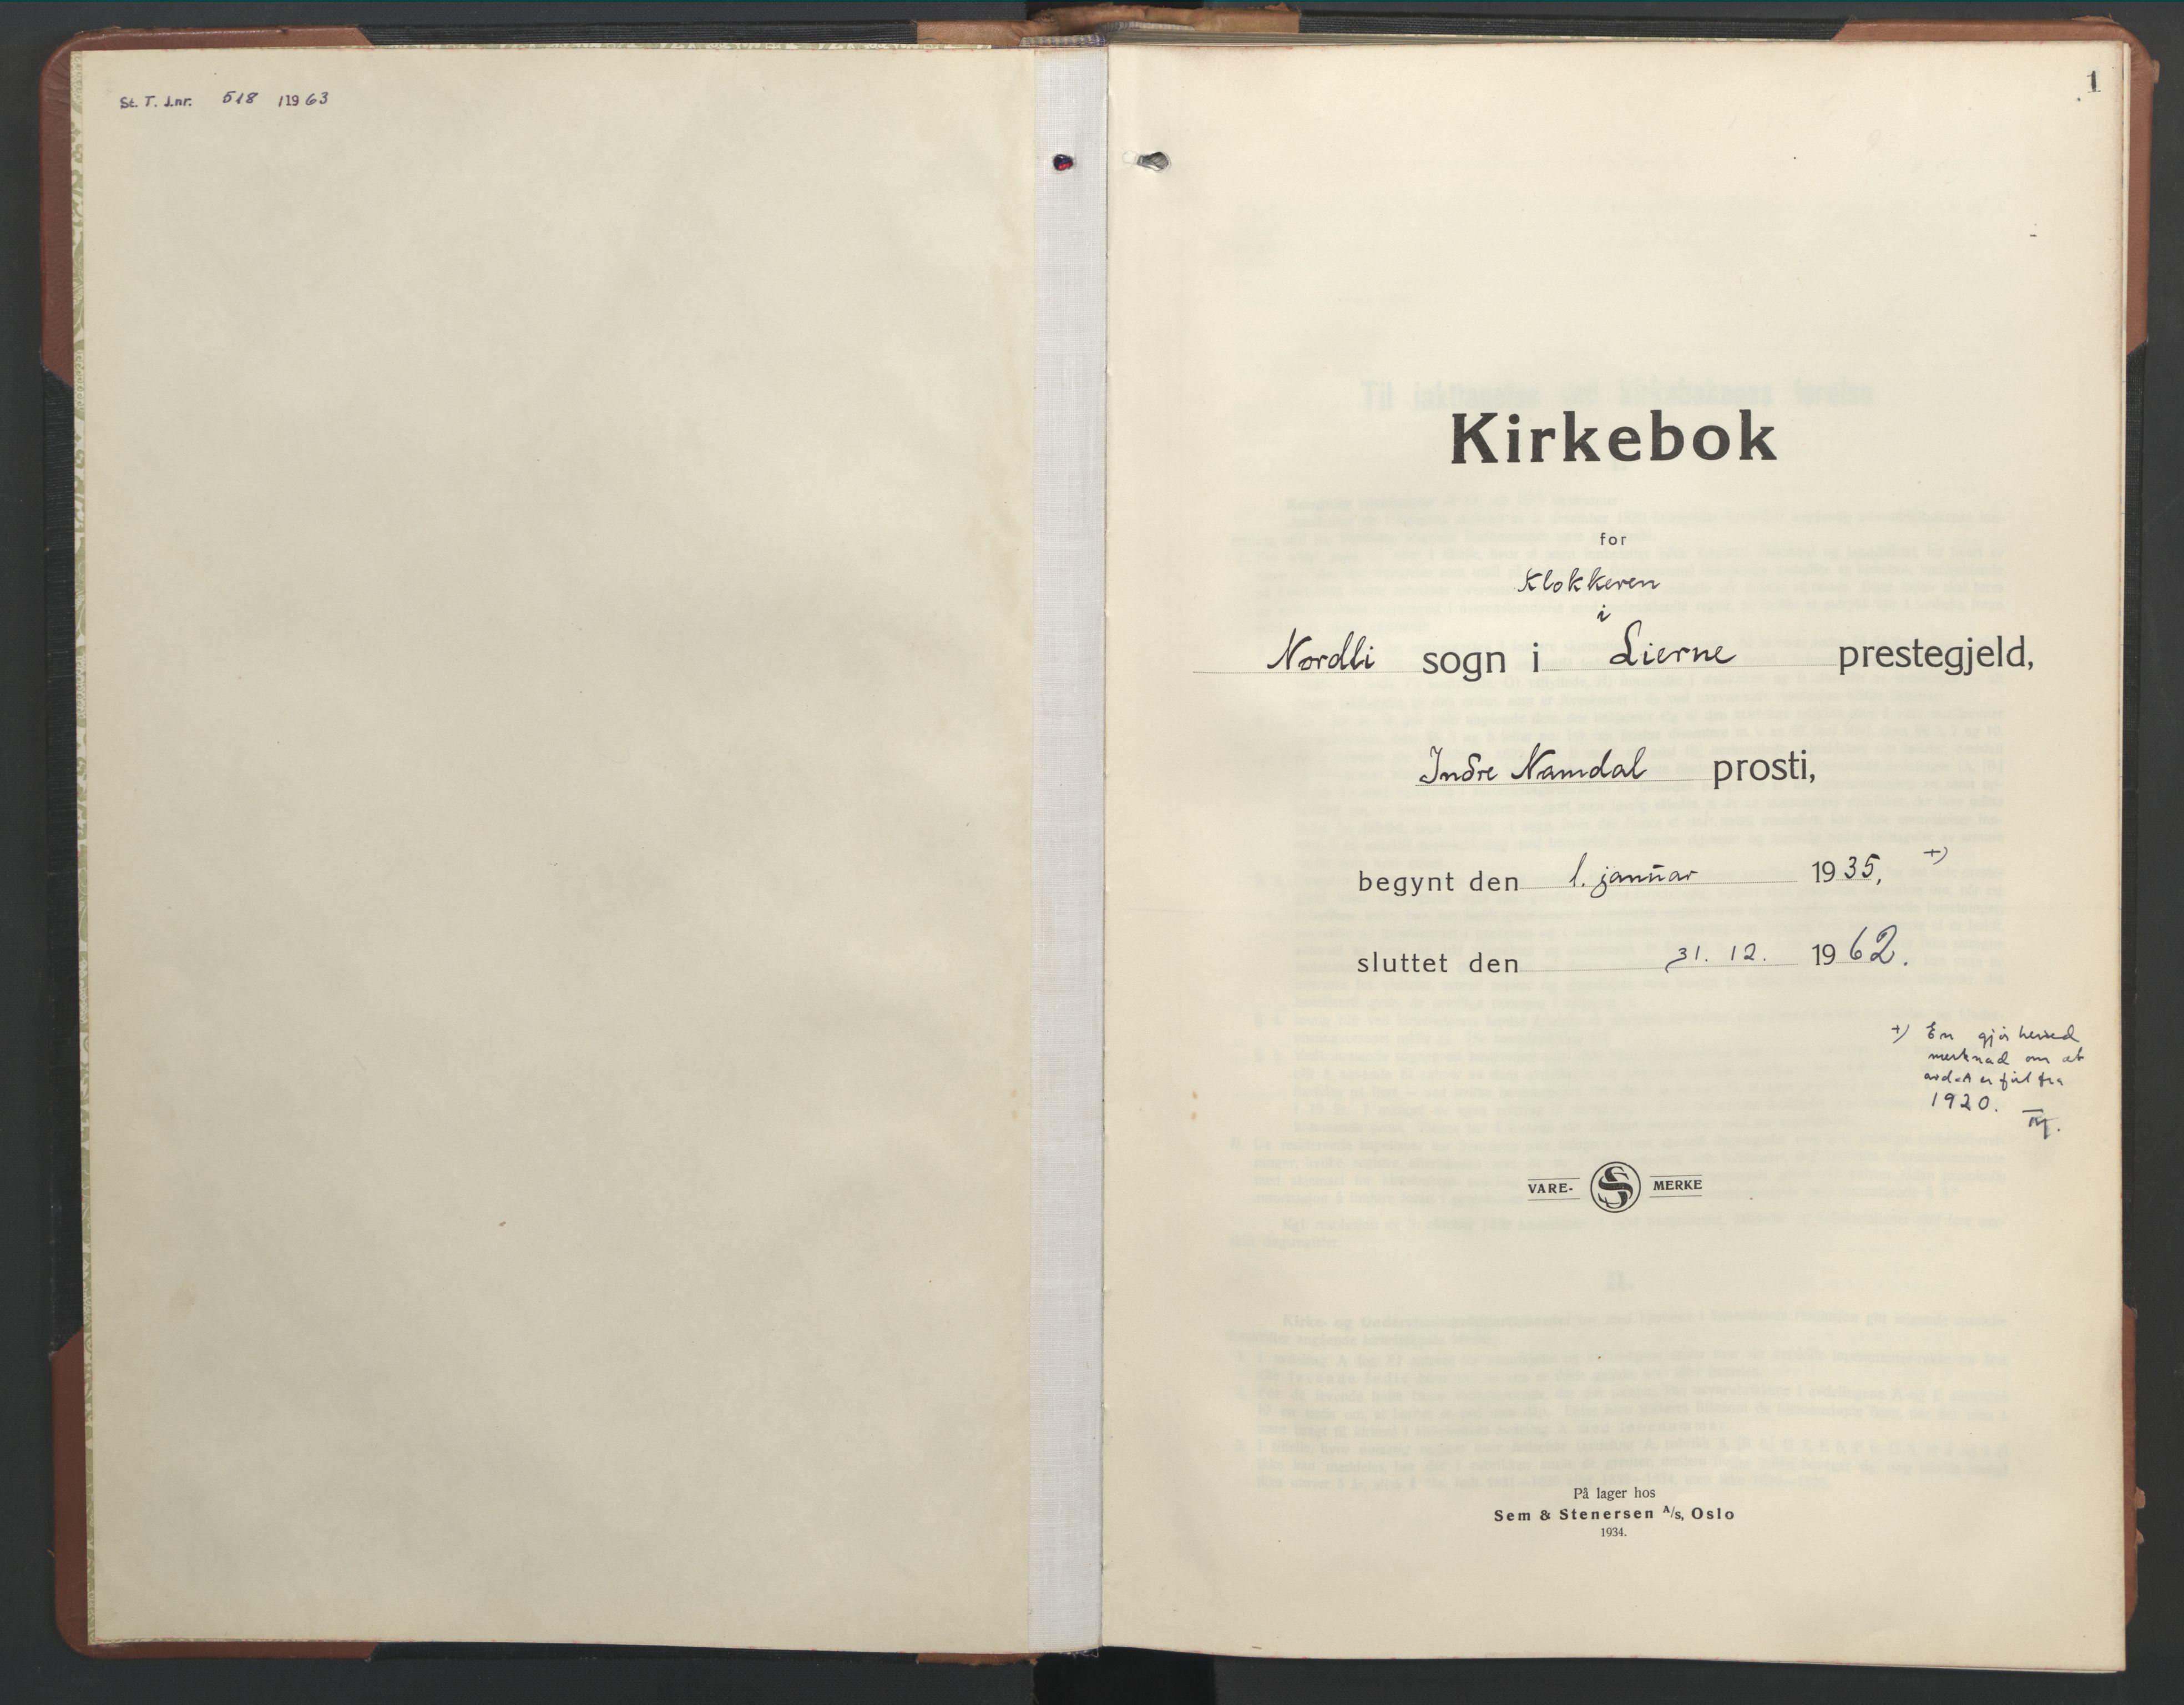 SAT, Ministerialprotokoller, klokkerbøker og fødselsregistre - Nord-Trøndelag, 755/L0500: Klokkerbok nr. 755C01, 1920-1962, s. 1